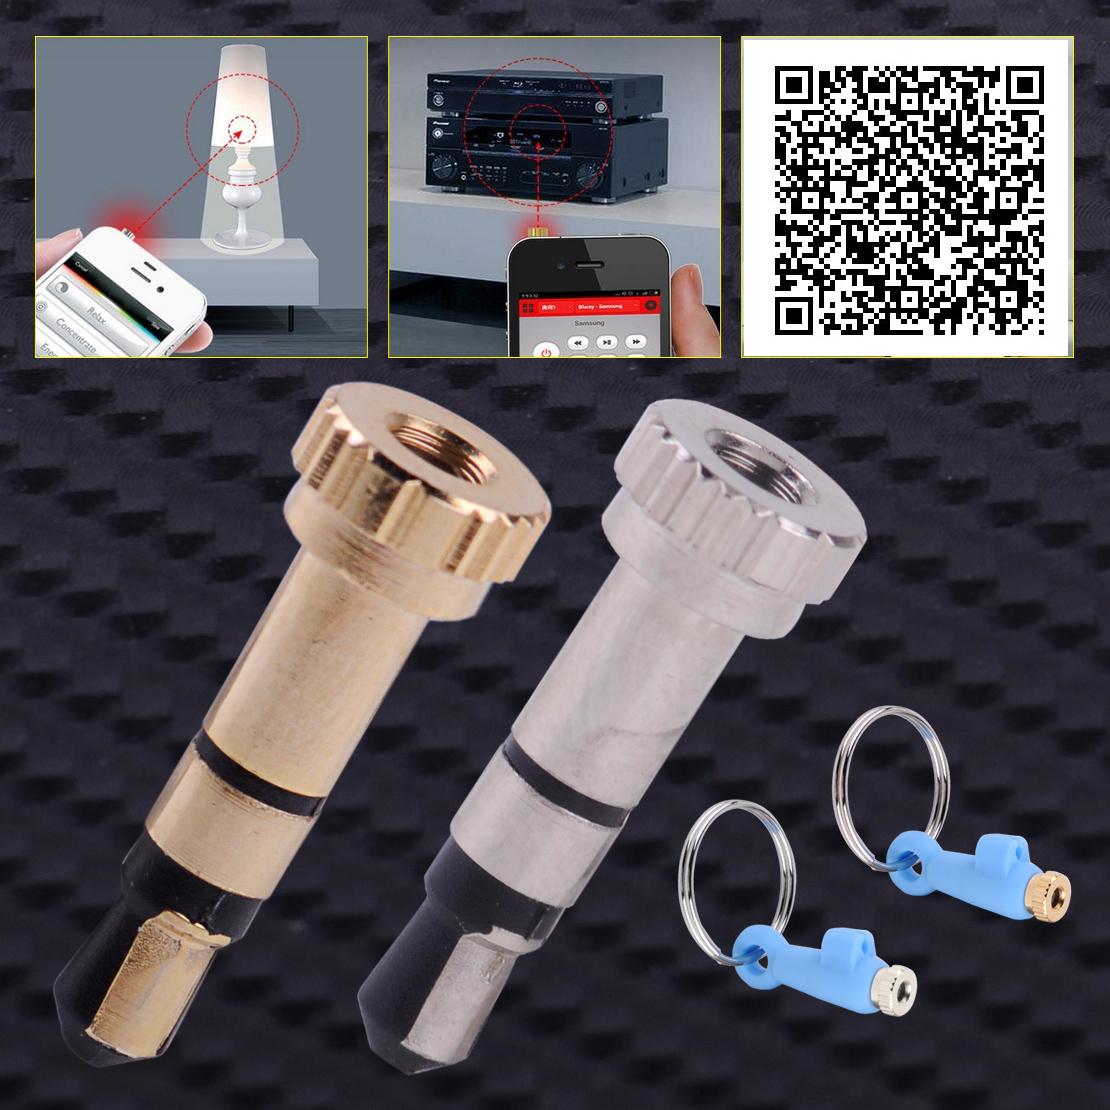 Handy Infrarot Fernbedienung Haushaltsgerät Universalfernbedienung T9C3